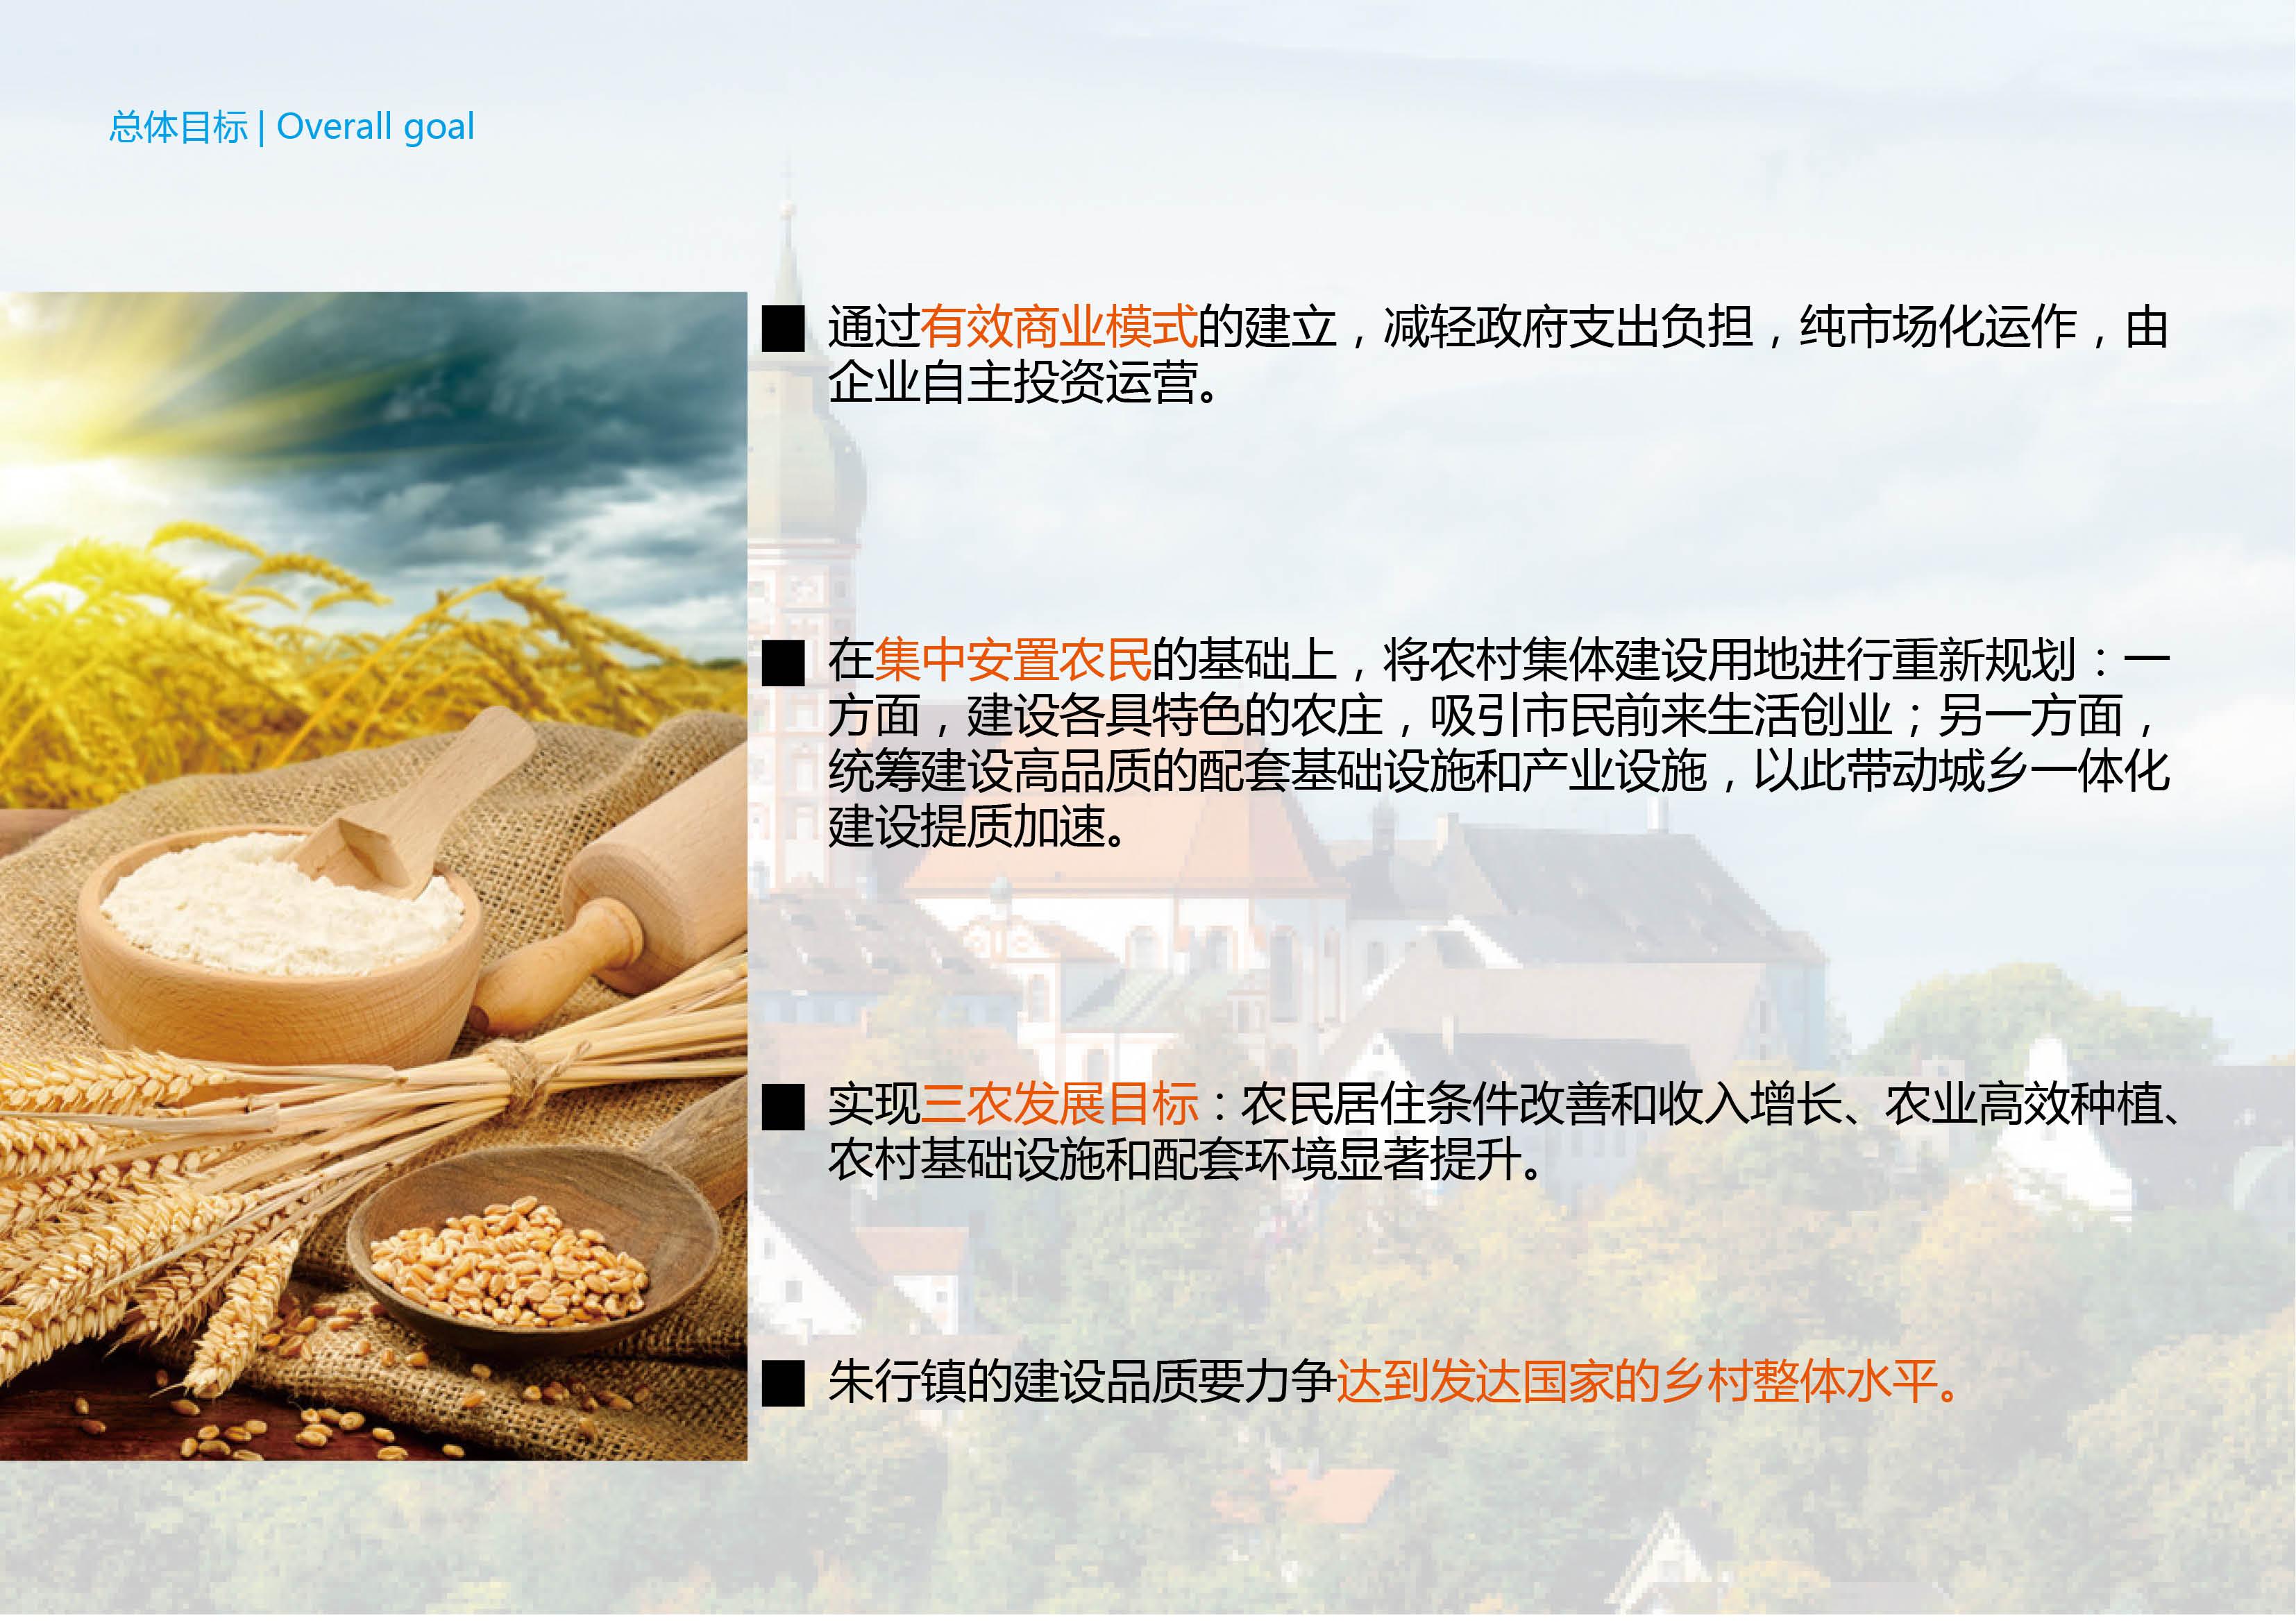 上海金山區市民農莊項目戰略發展規劃12.30-上海金山區市民農莊項目戰略發展規劃19